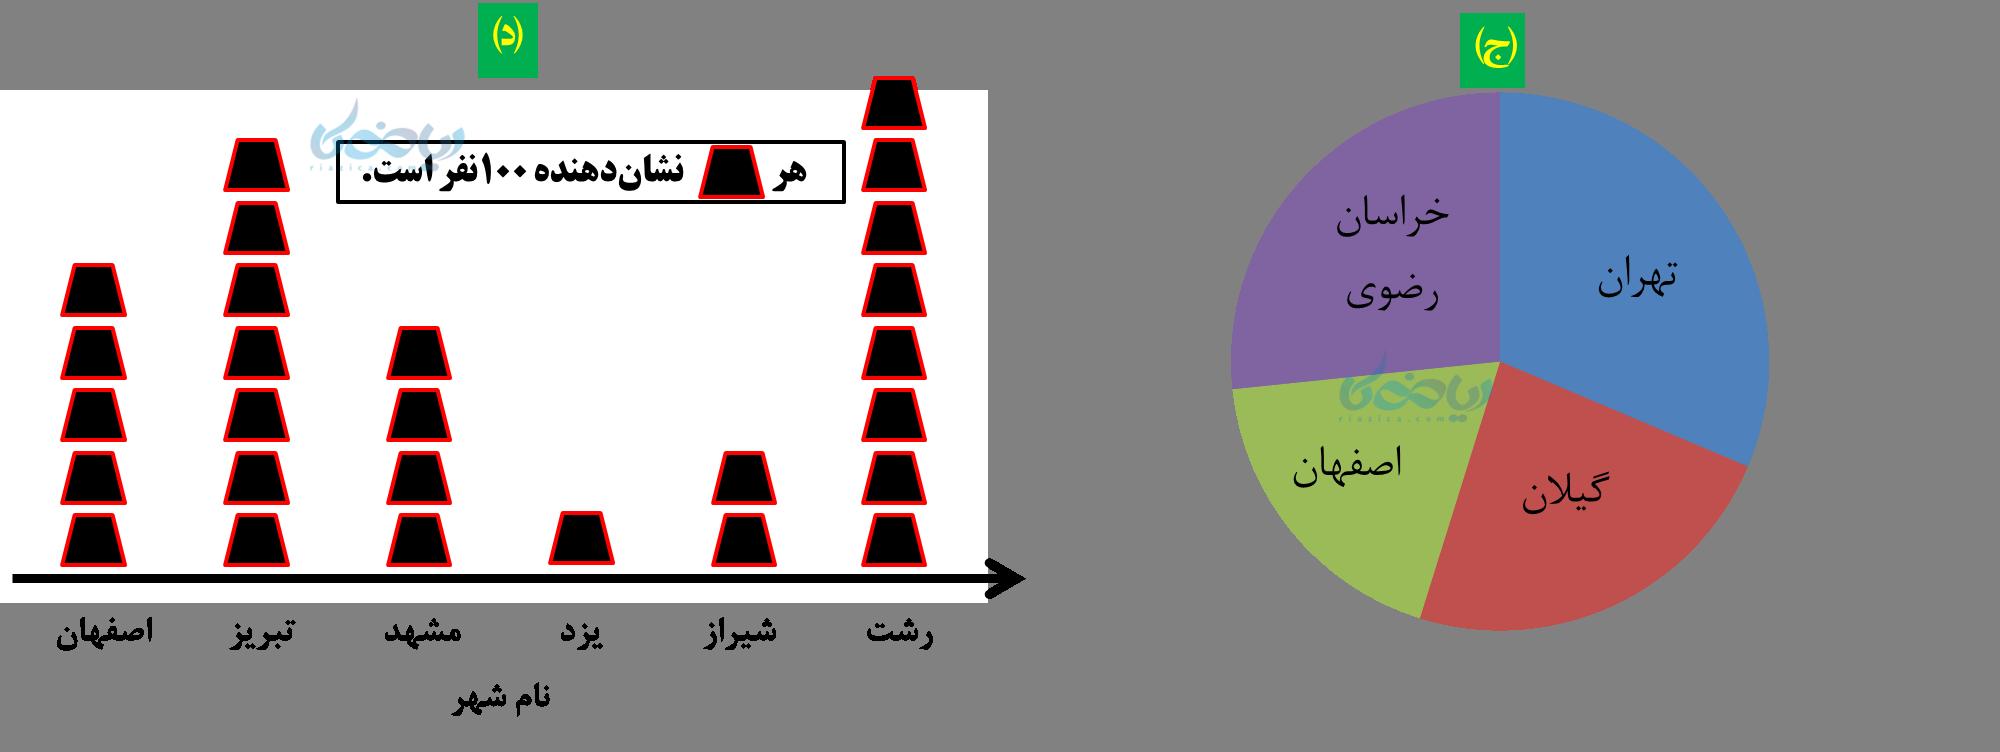 نمودار دایرهای و نمودار تصویری